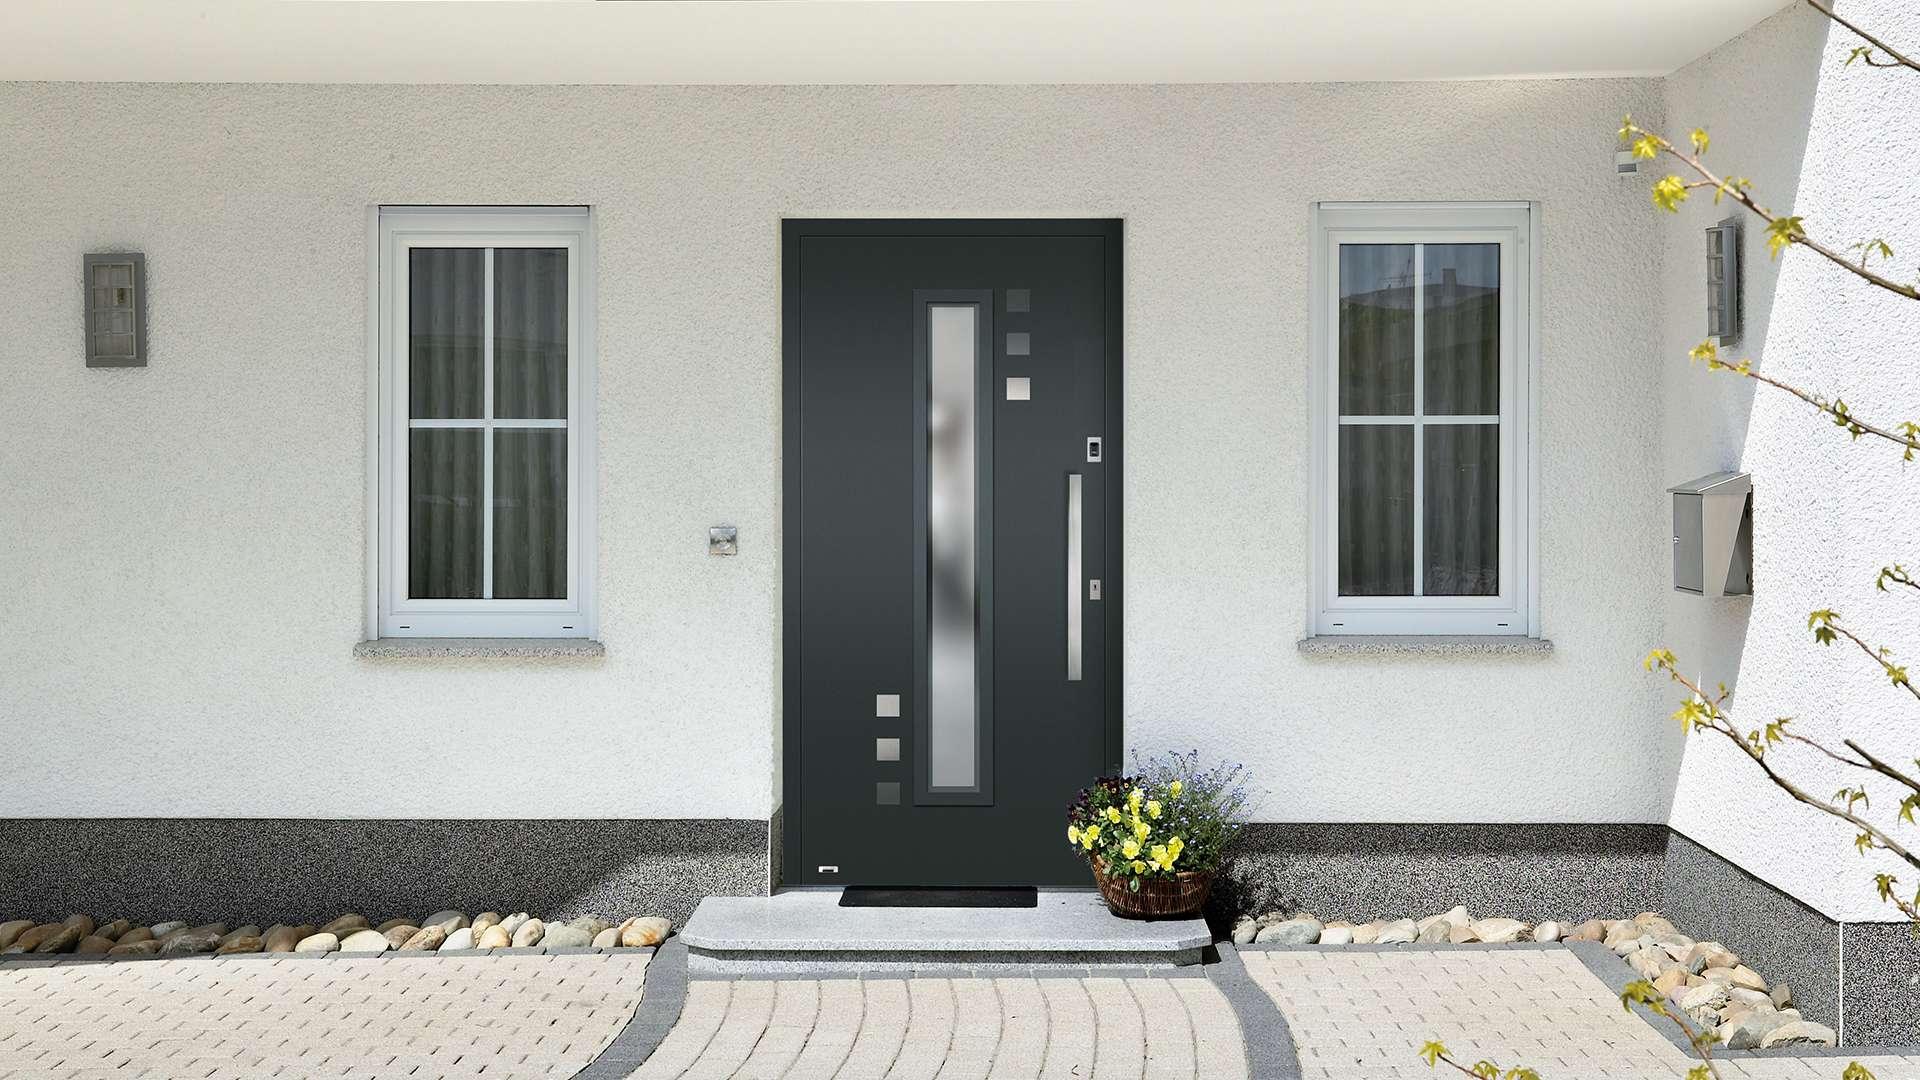 graue Haustür in weißer Fassade mit zwei Fenstern links und rechts und einen gepflasterten Hof